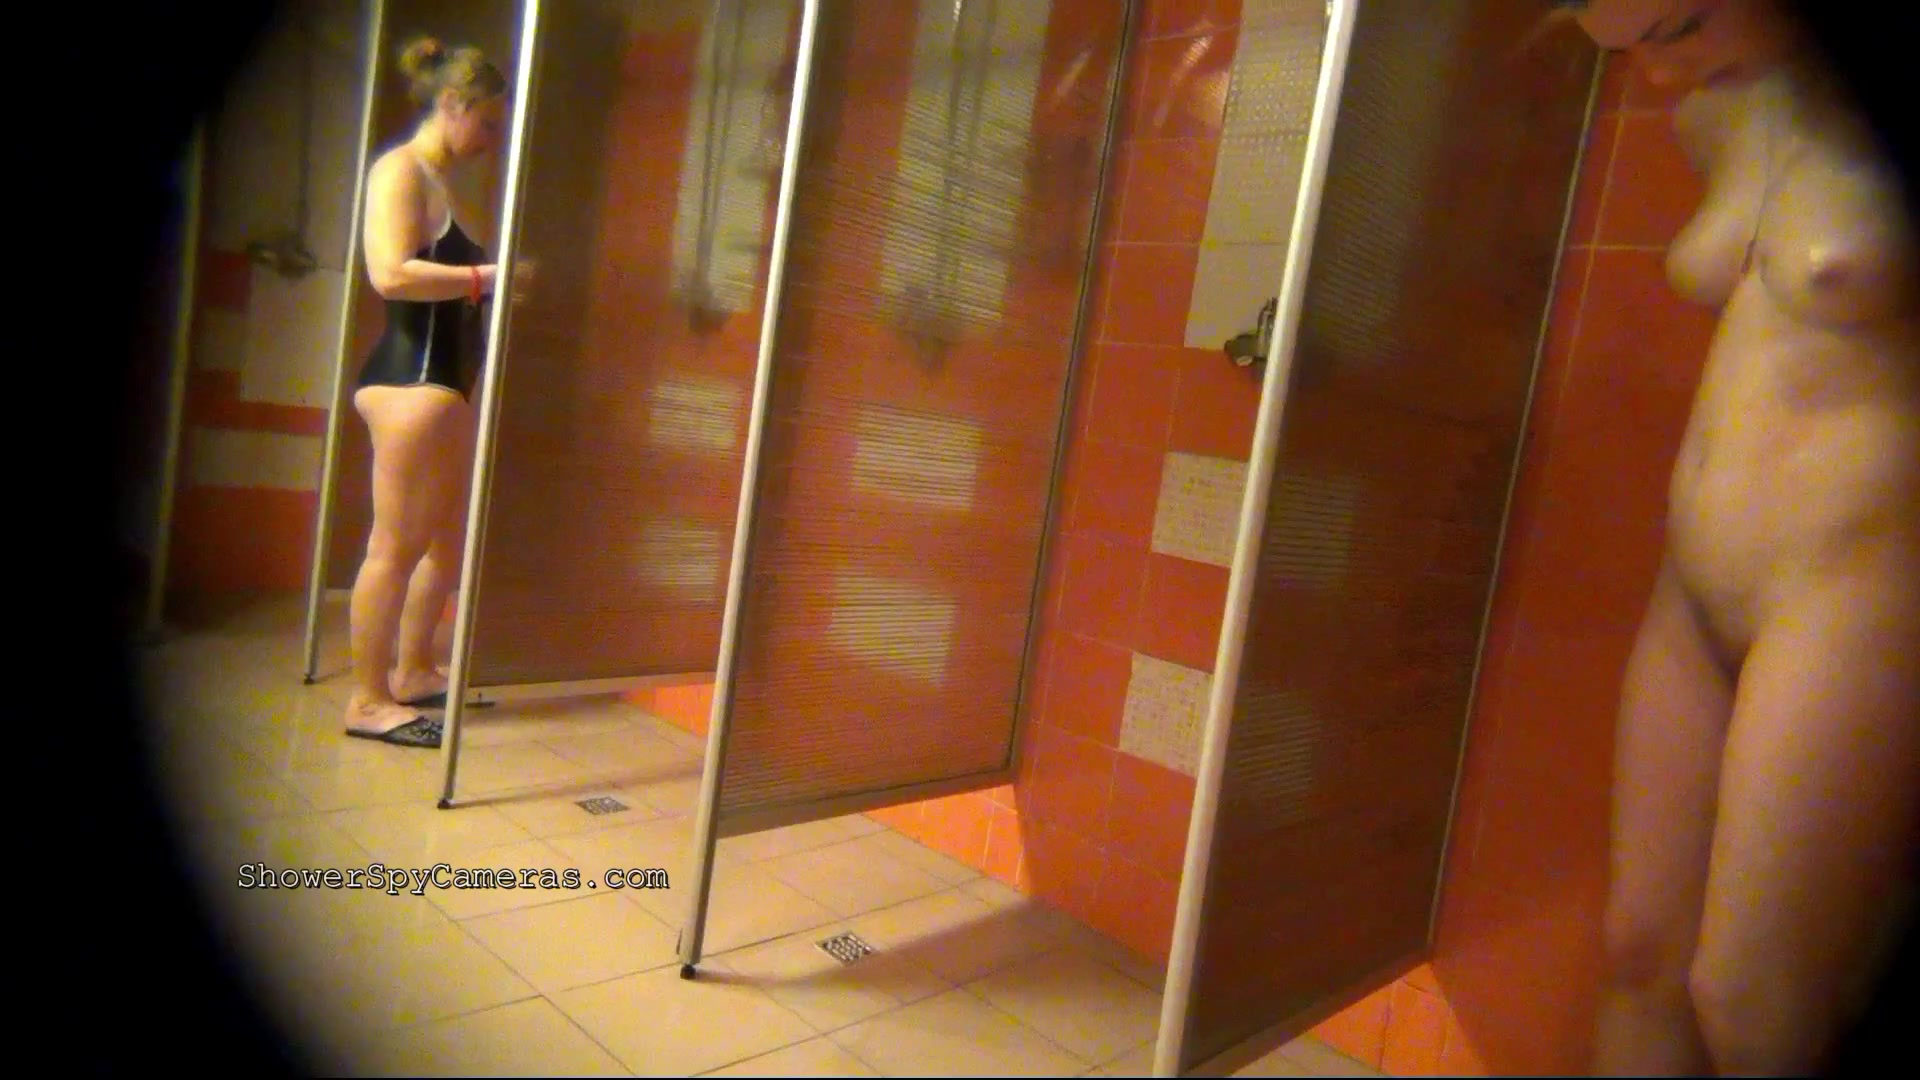 раздевалках душевых порно видео в камера скрытая